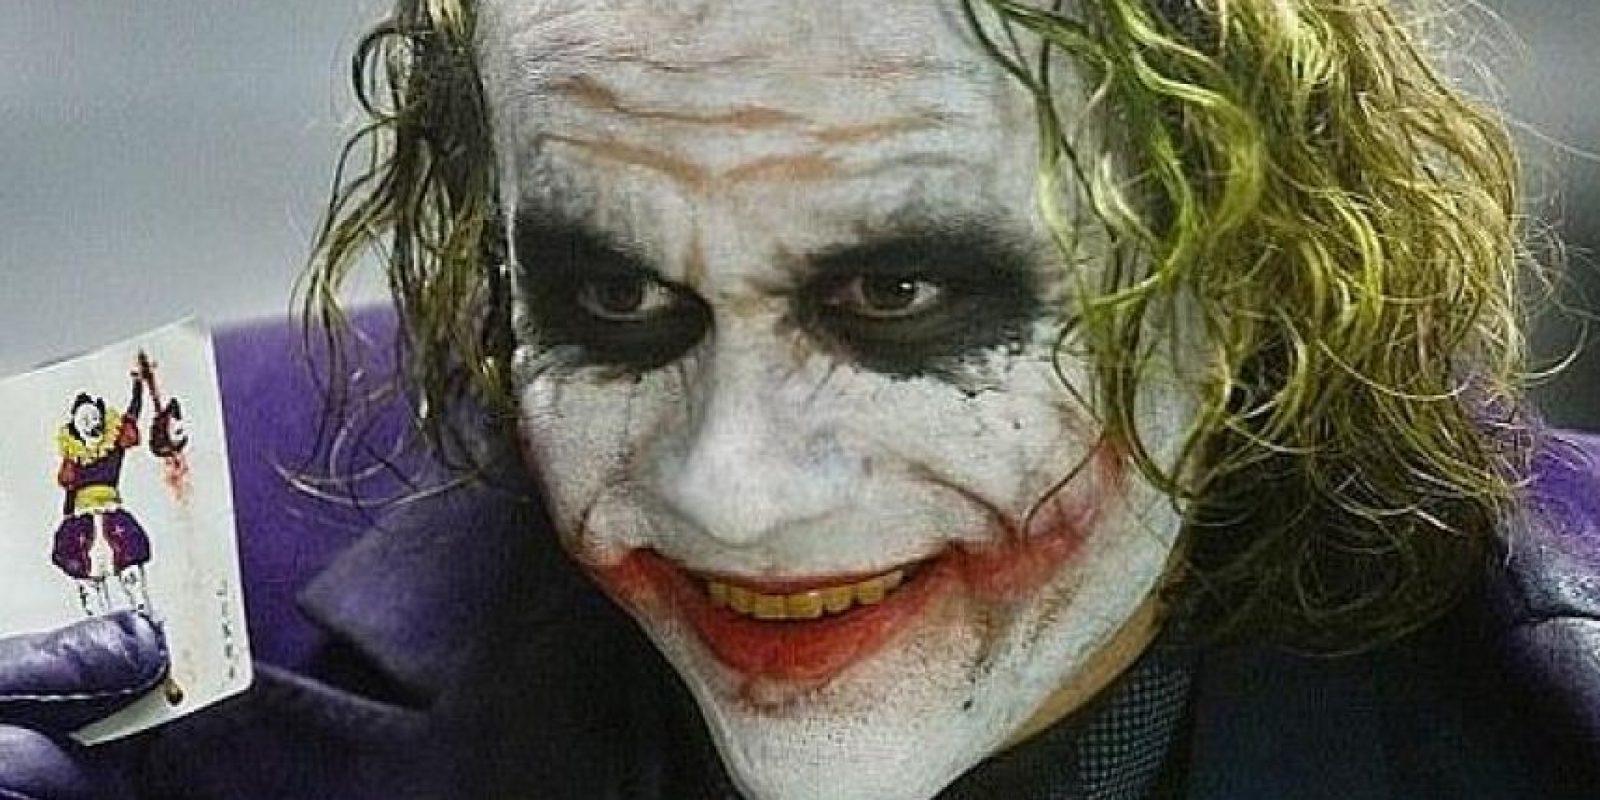 """Heath Ledger ganó el Oscar por """"Mejor Actor de Reparto"""" por la cinta """"The Dark Knight"""", en la que interpretó al personaje, en 2008. El actor murió antes de que se estrenase la película. Foto:Warner Bros."""